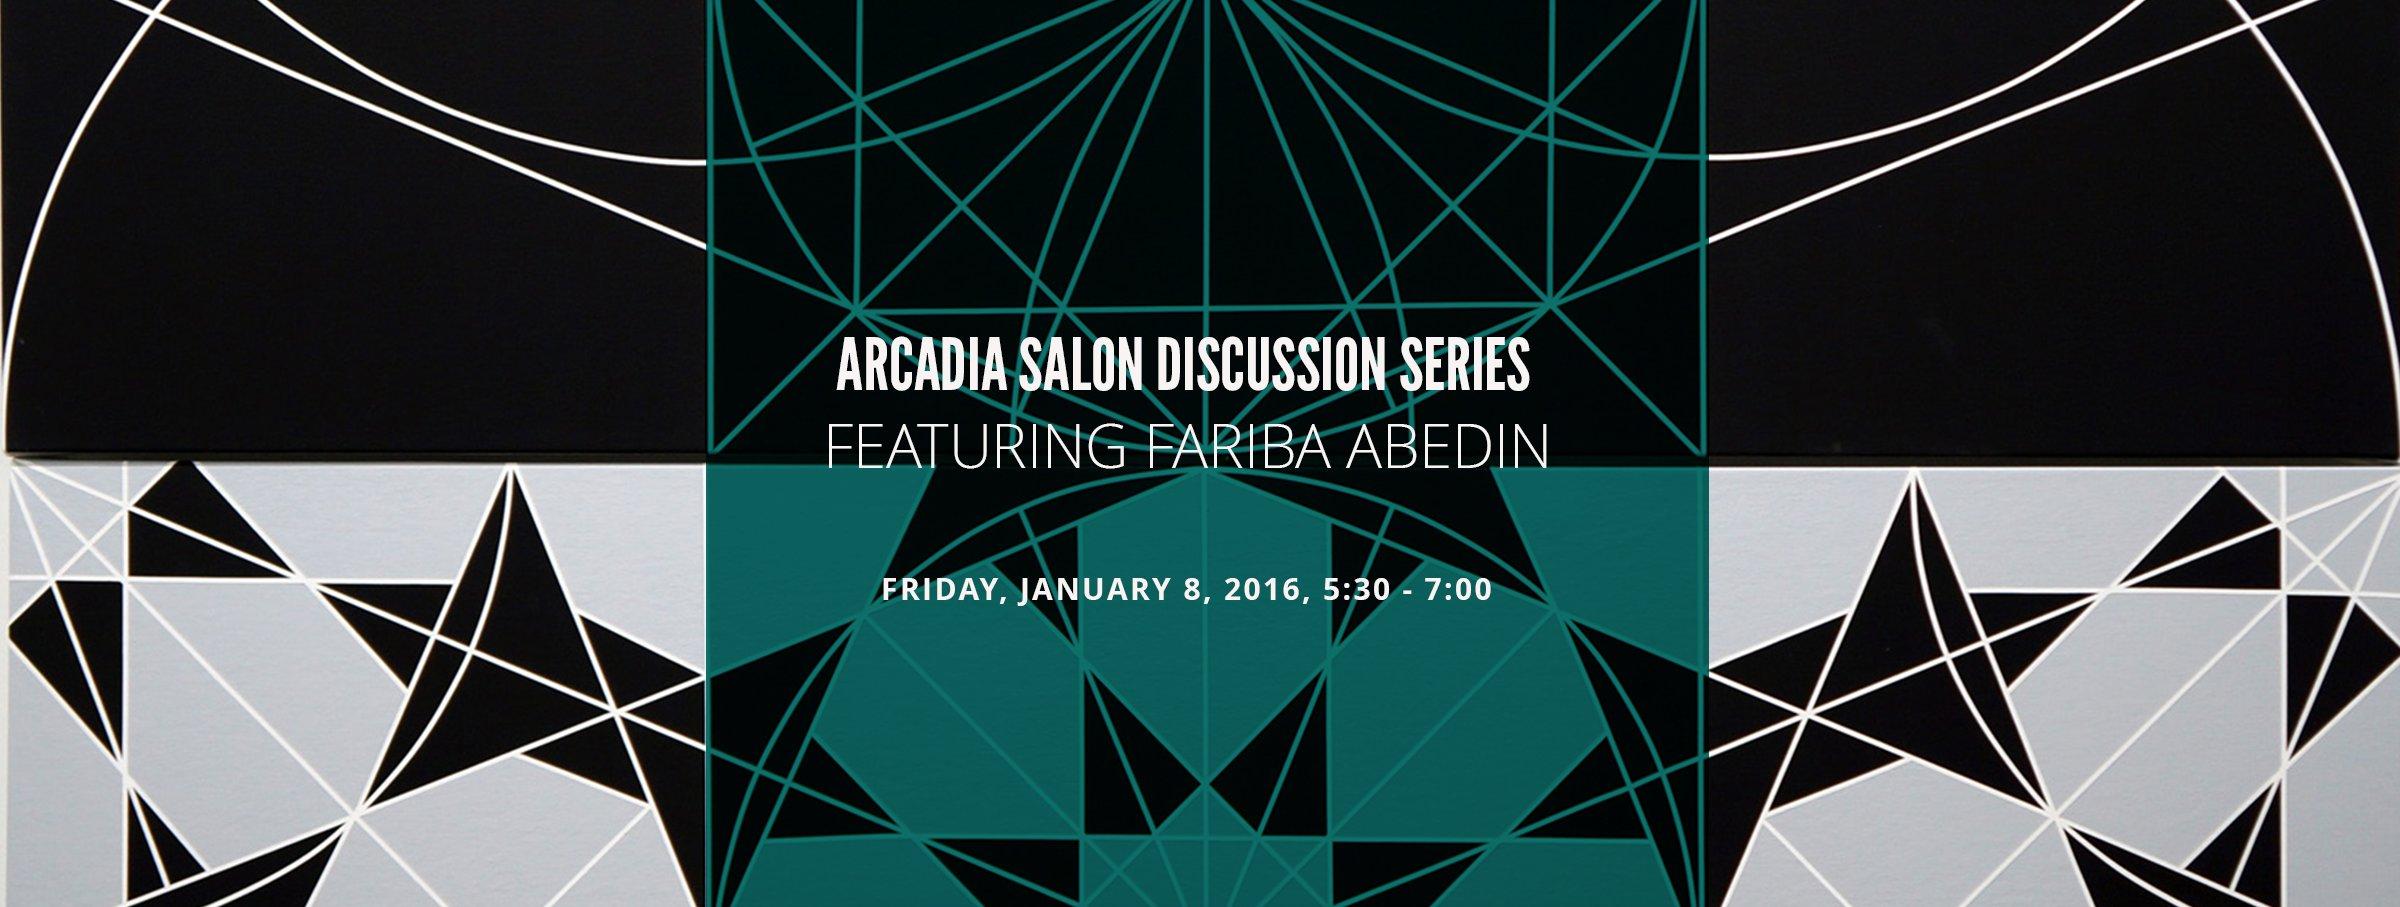 fariba_abedin_salon